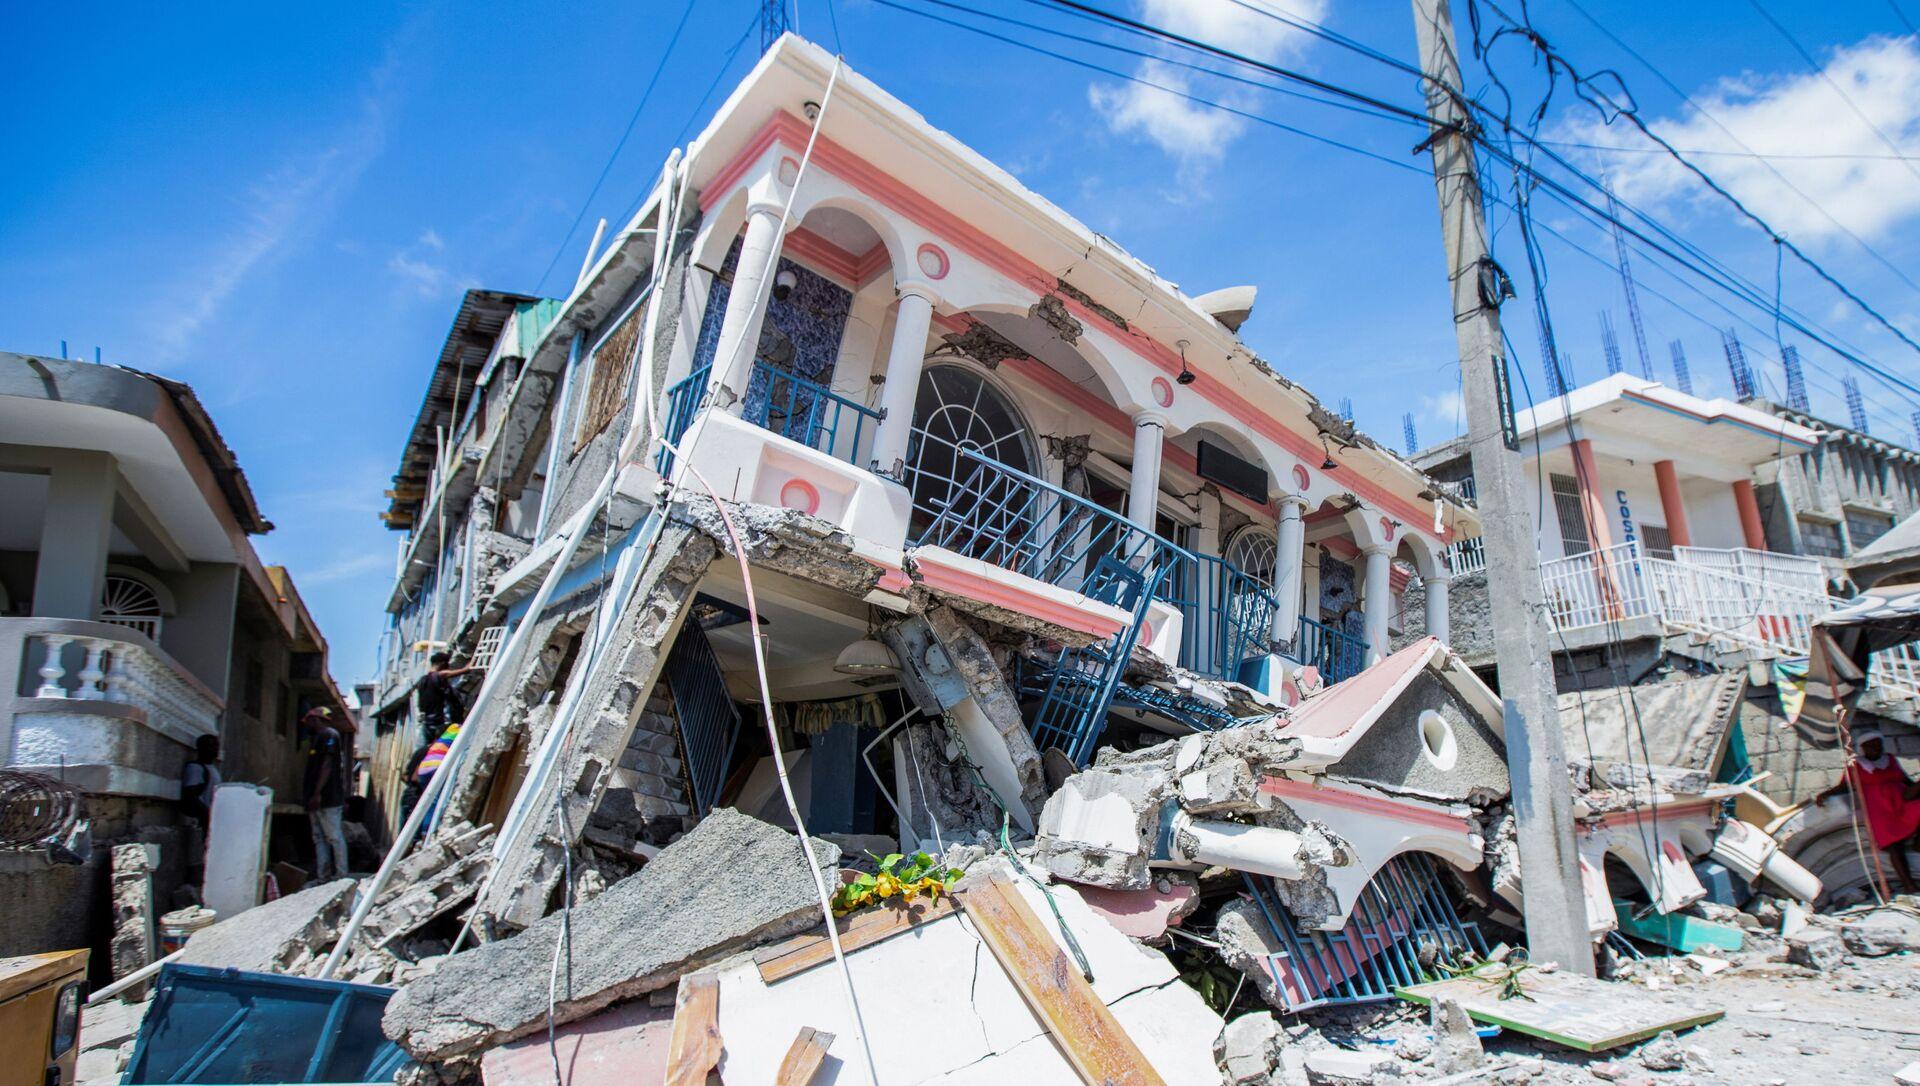 Destructions en Haïti après le séisme, le 14 août 2021 - Sputnik France, 1920, 17.08.2021